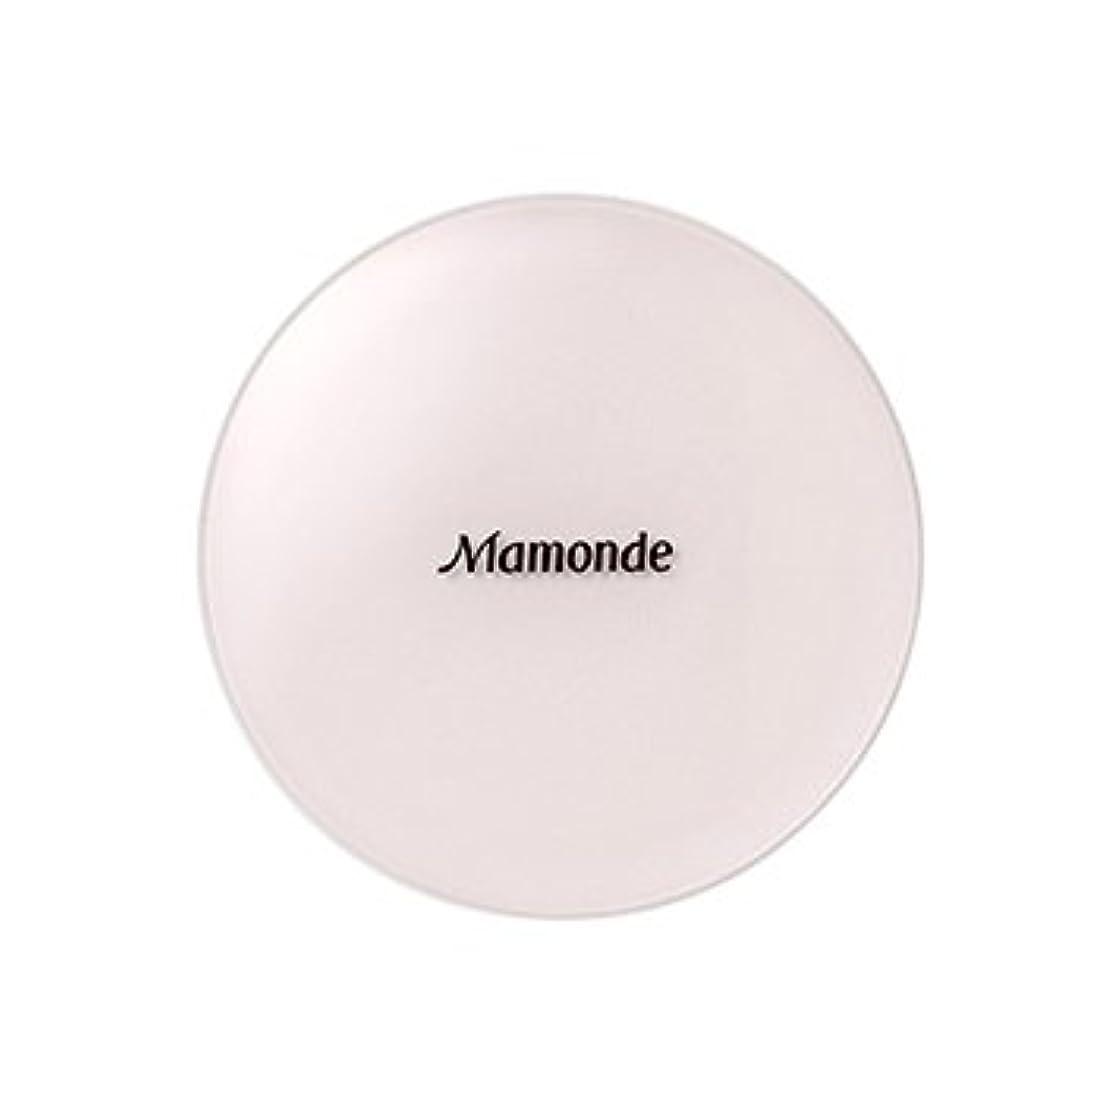 詳細なスロベニア今[New] Mamonde Brightening Cover Ampoule Cushion 15g/マモンド ブライトニング カバー アンプル クッション 15g (#21C Medium Peach) [並行輸入品]